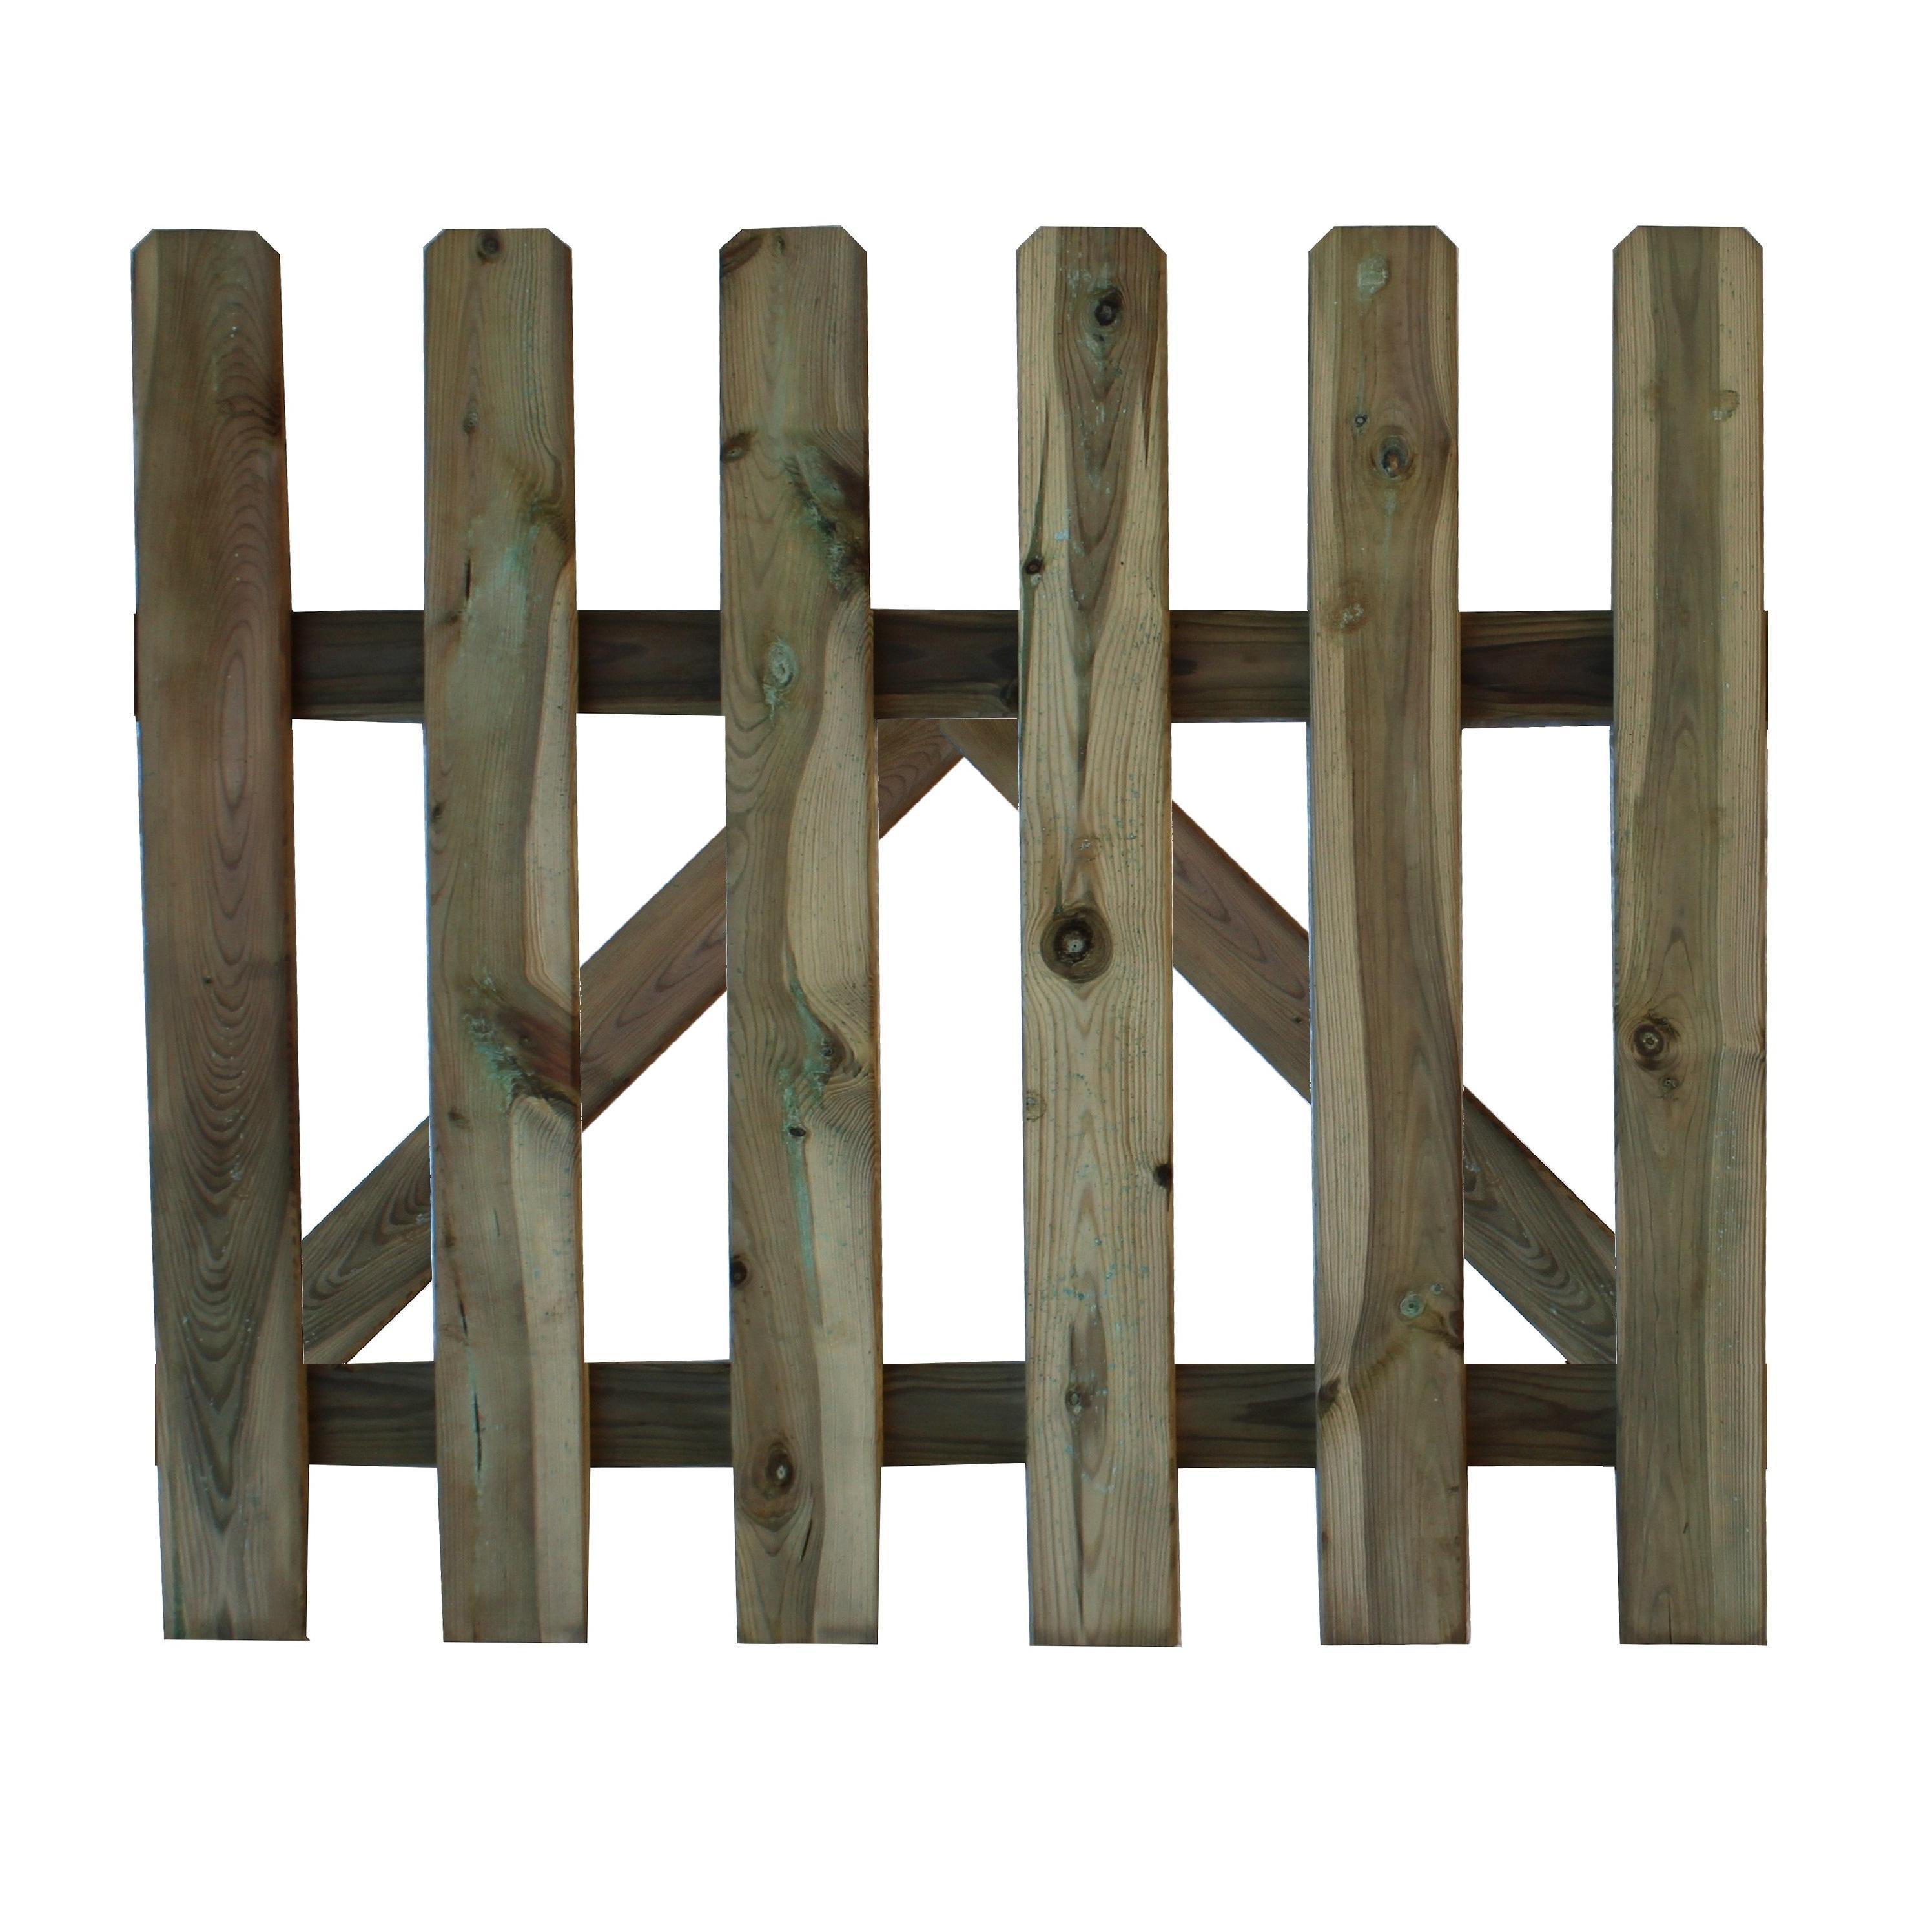 Set 2 pz Cancello per recinto steccato misure 80x100 in legno impregnato